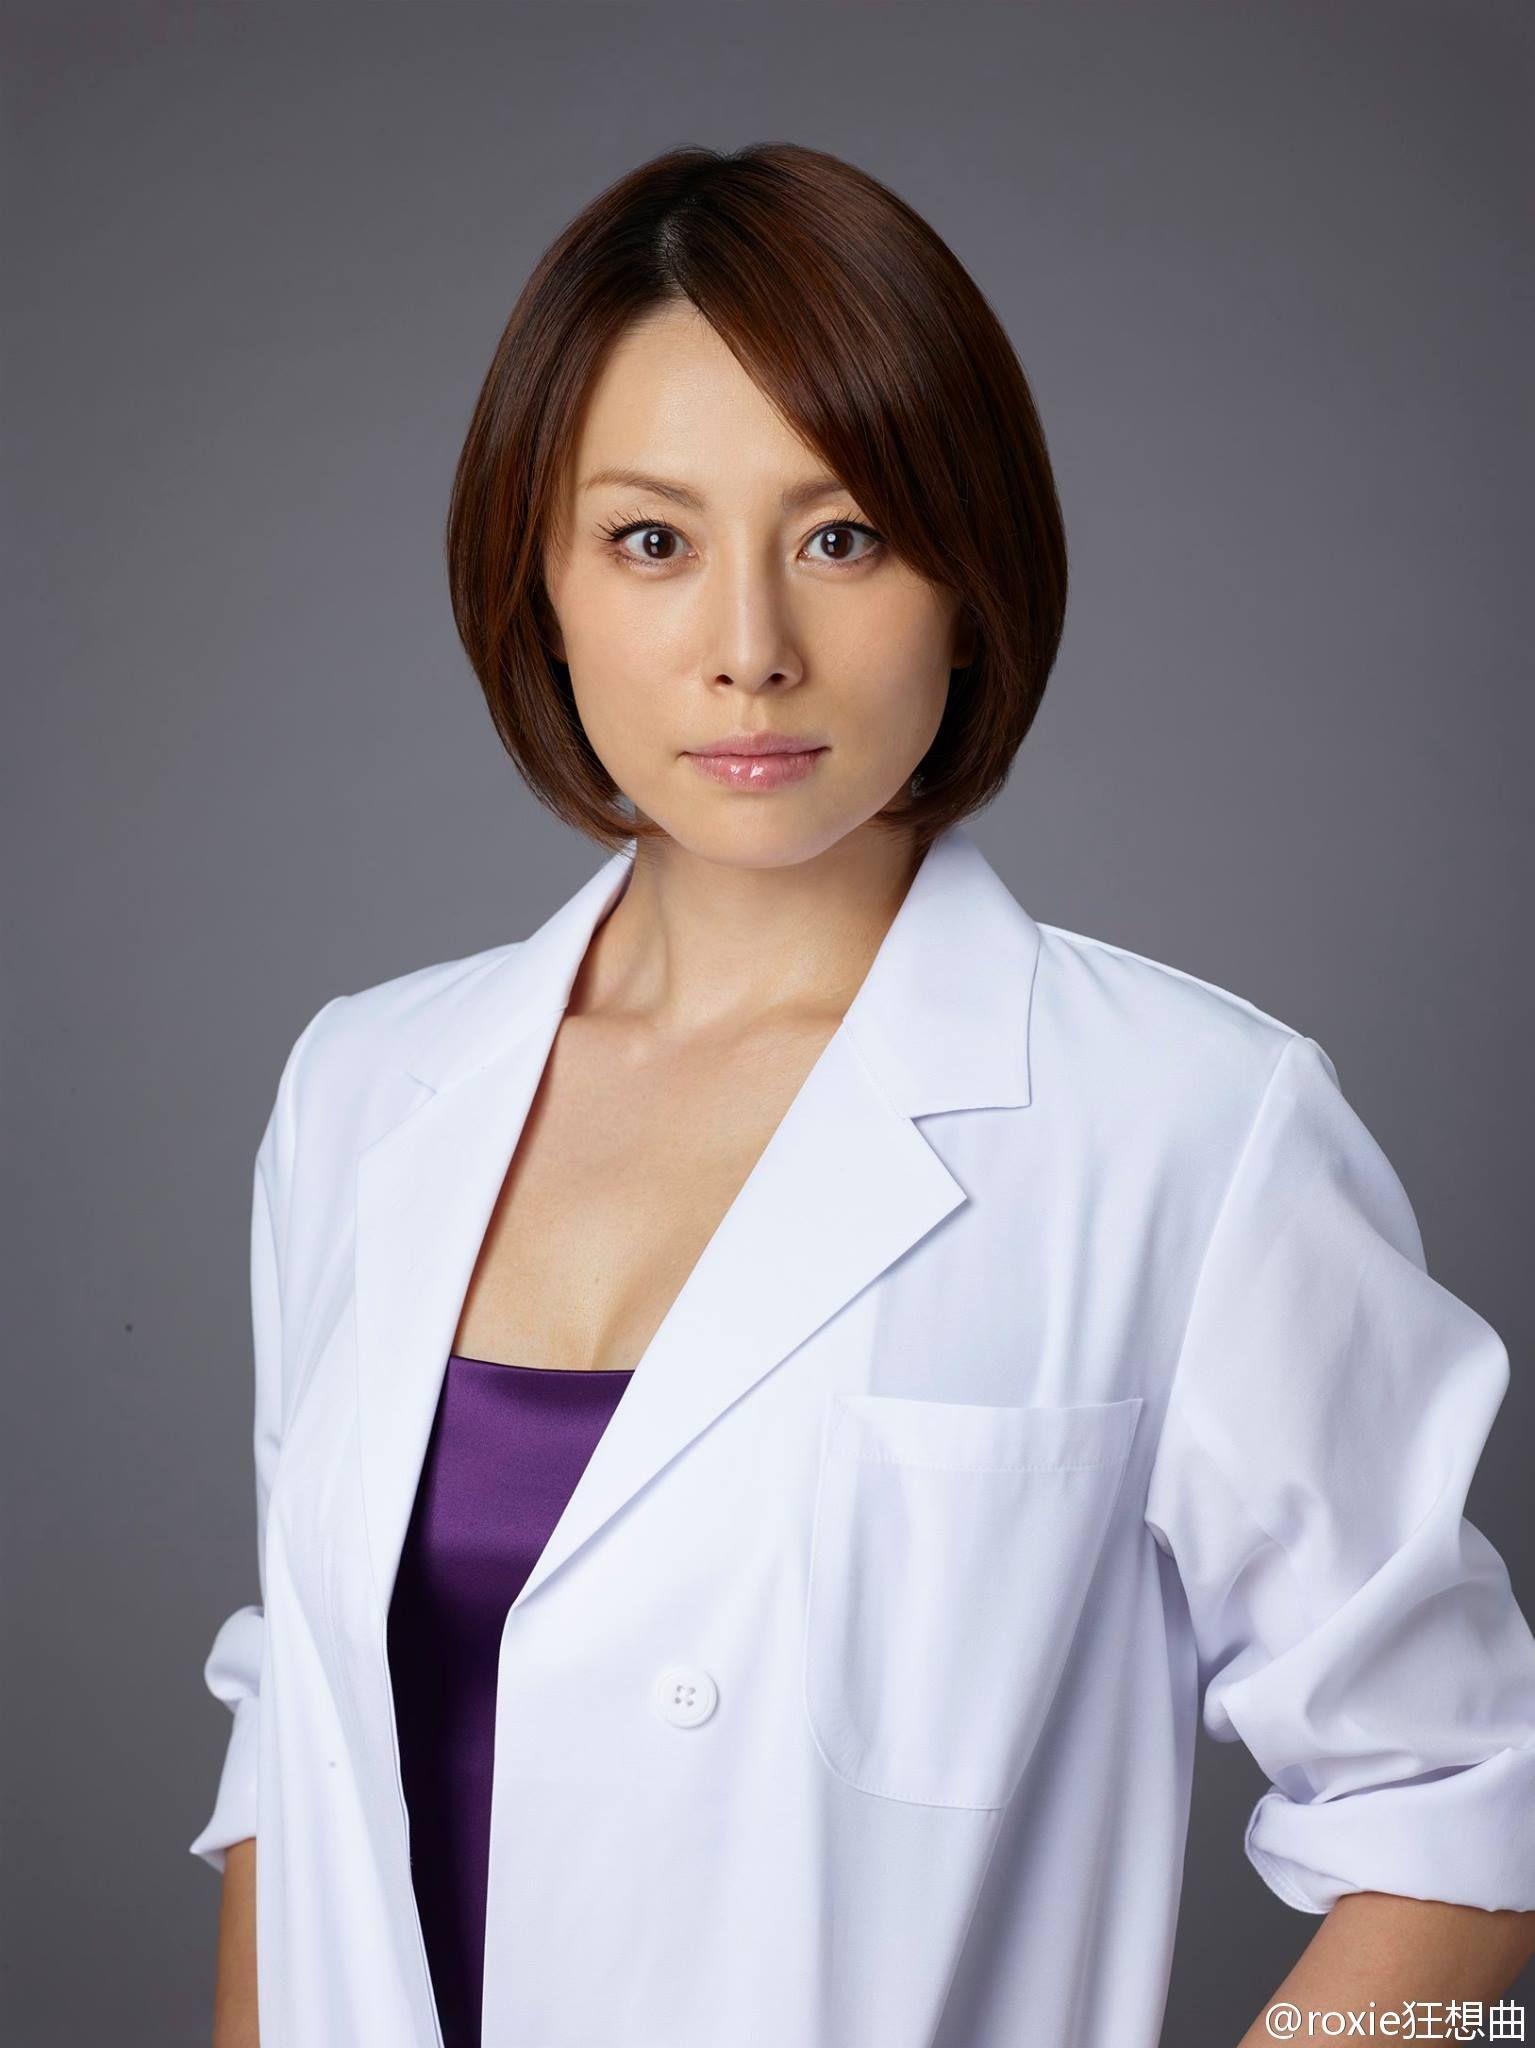 Doctor-x 4 | Ryoko Yonekura 米倉涼子 | Pinterest